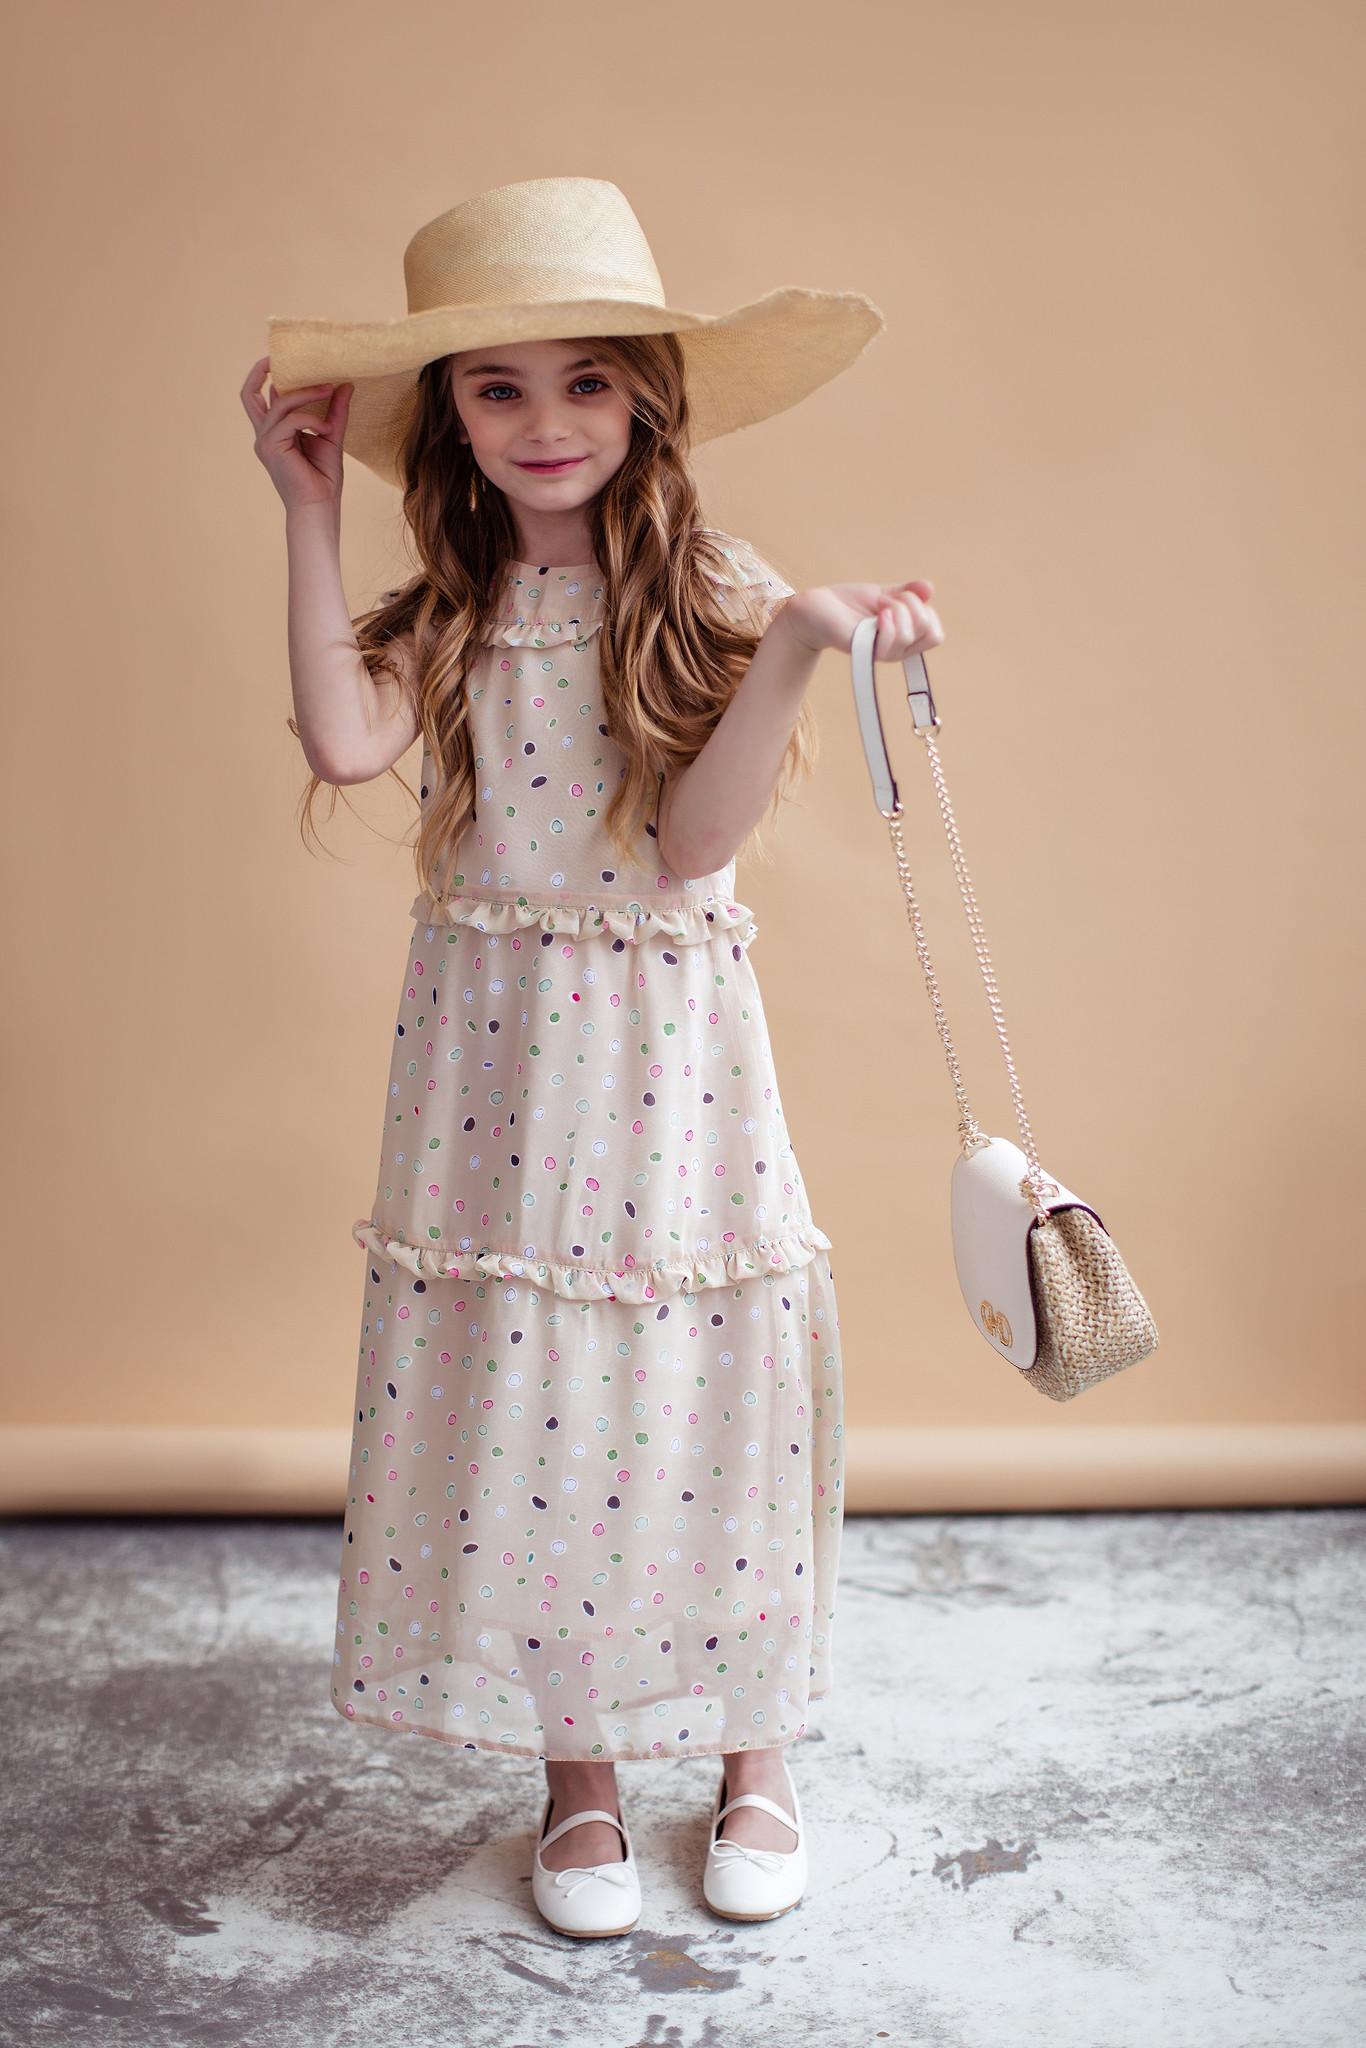 Sukienka beżowa - Domino.little.dress